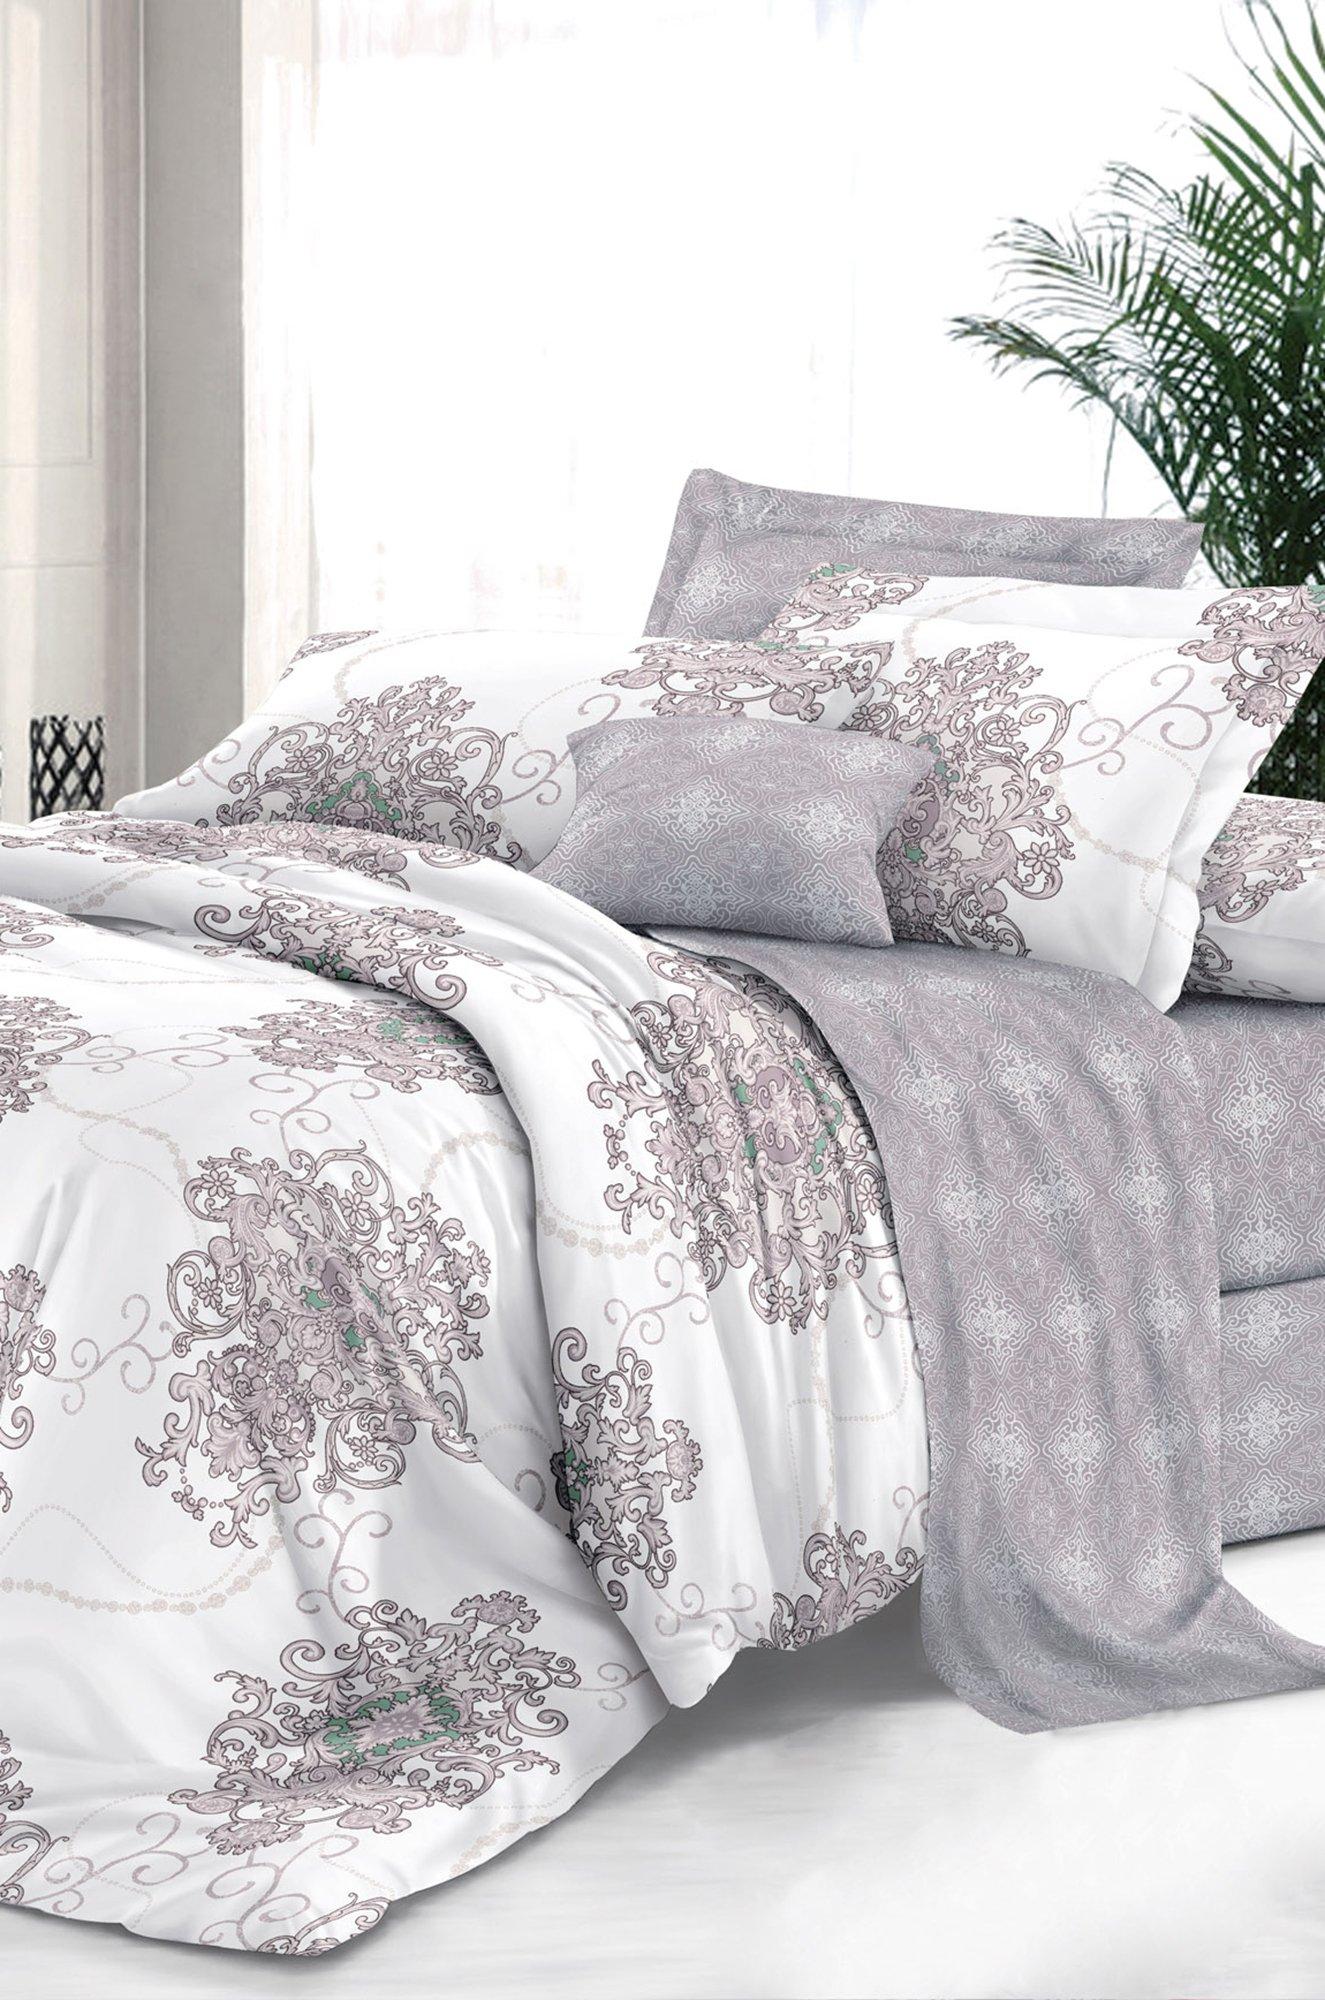 Art Cotton, Постельное белье из сатина, евро, наволочки 70*70 Art Cotton ARTCT658303 (01842514488)